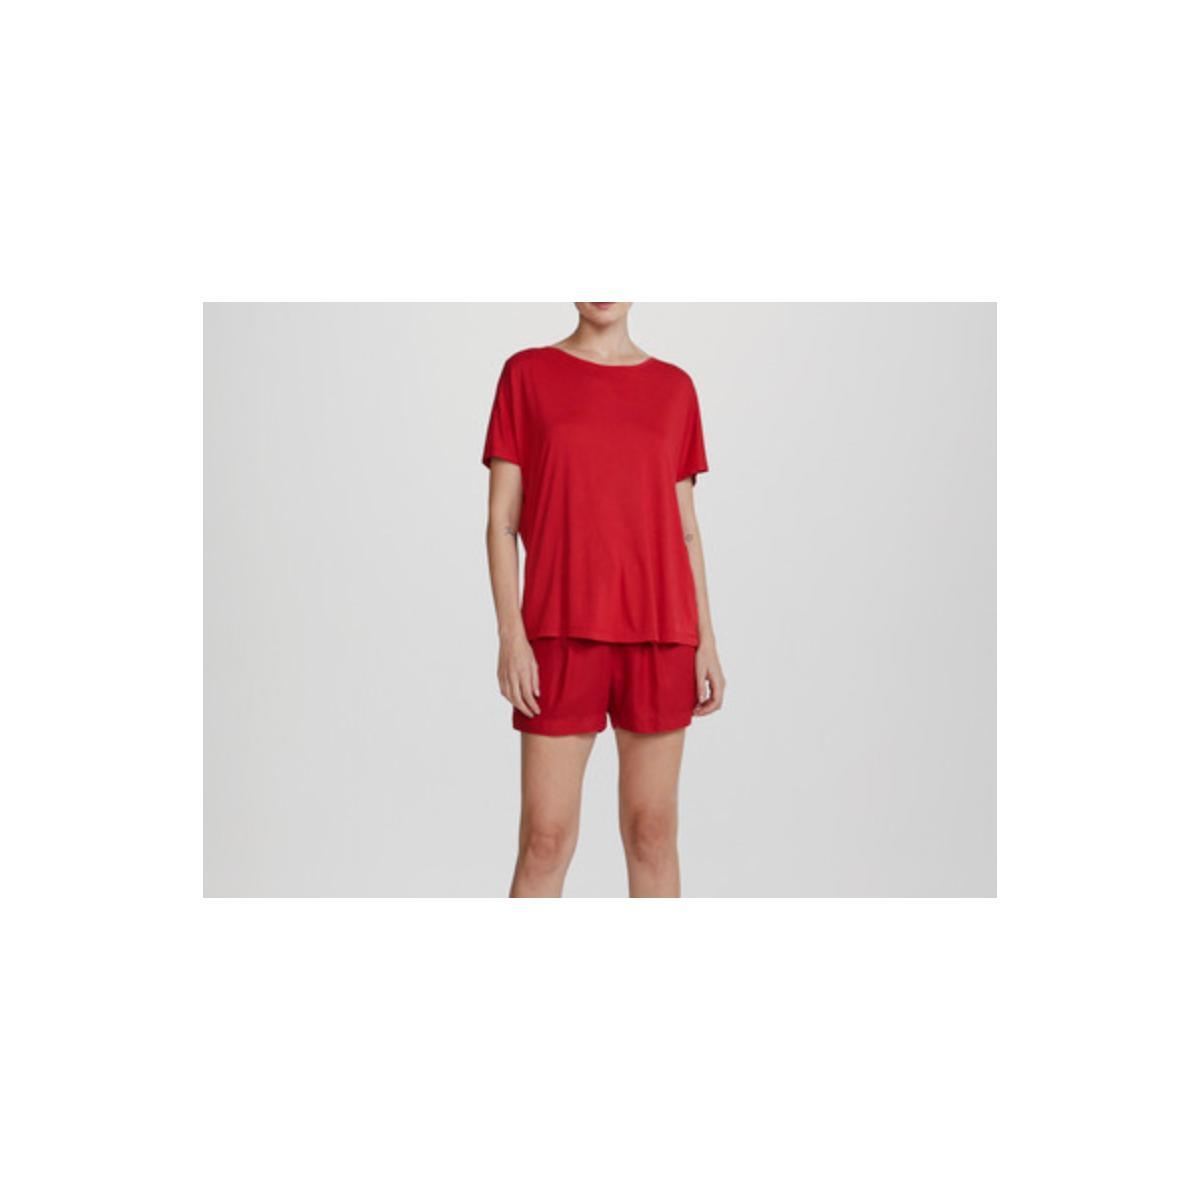 Blusa Feminina Hering 4f9m Rvten  Vermelho